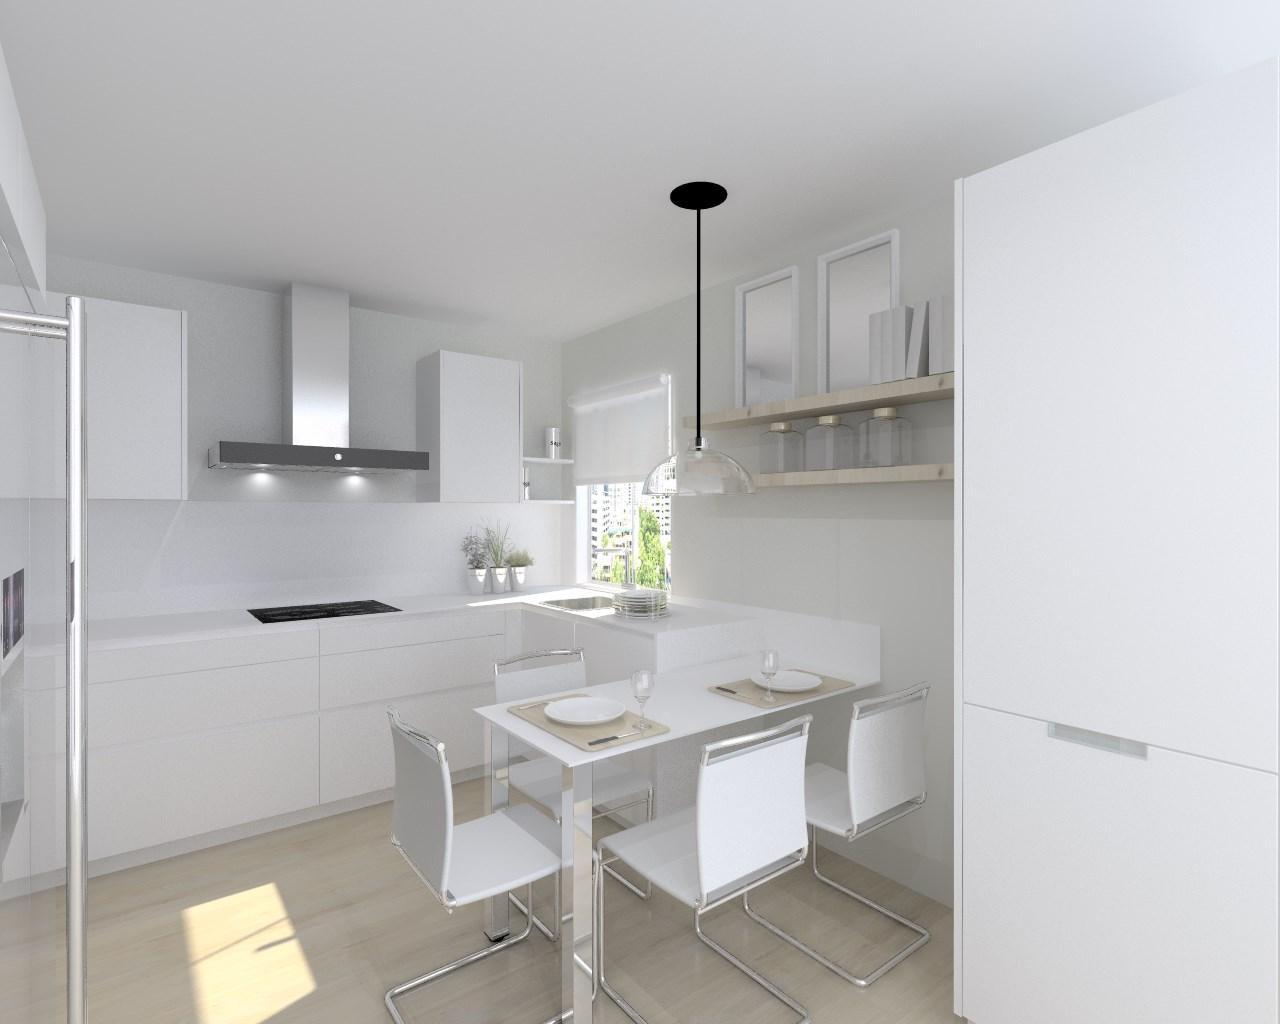 Cocina santos modelo line l blanco seda encimera silestone for Materiales para encimeras de cocina